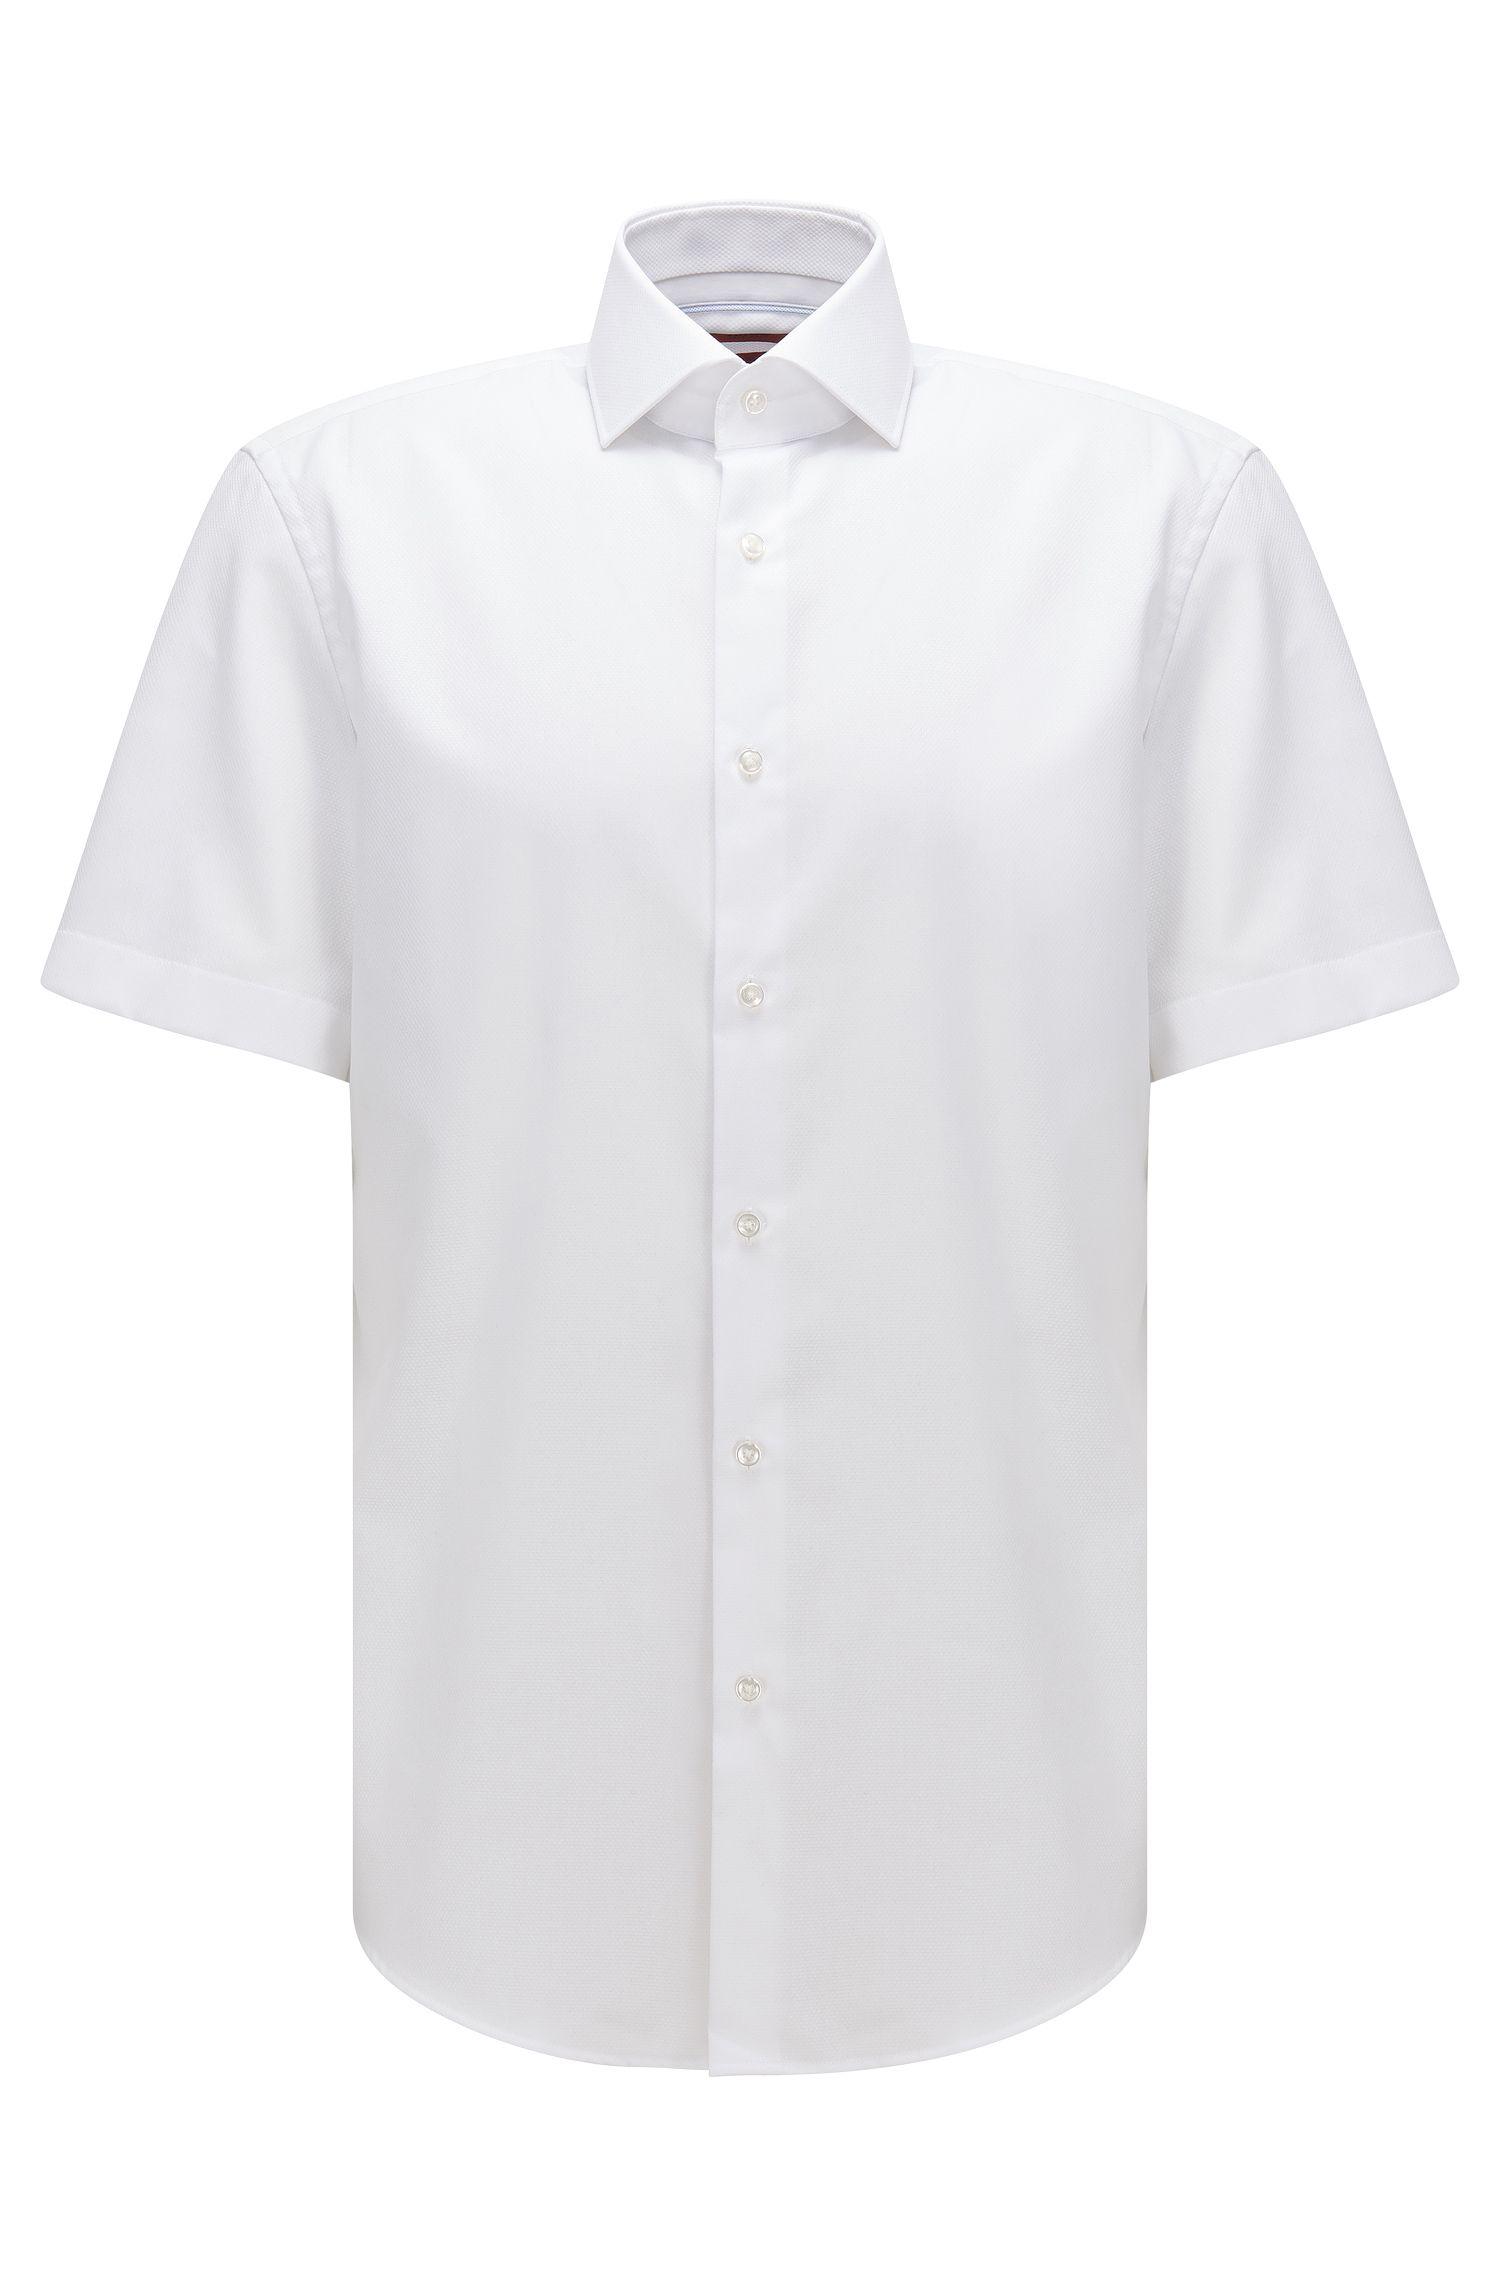 Chemise en coton uni Regular Fit à manches courtes, à carreaux structurés